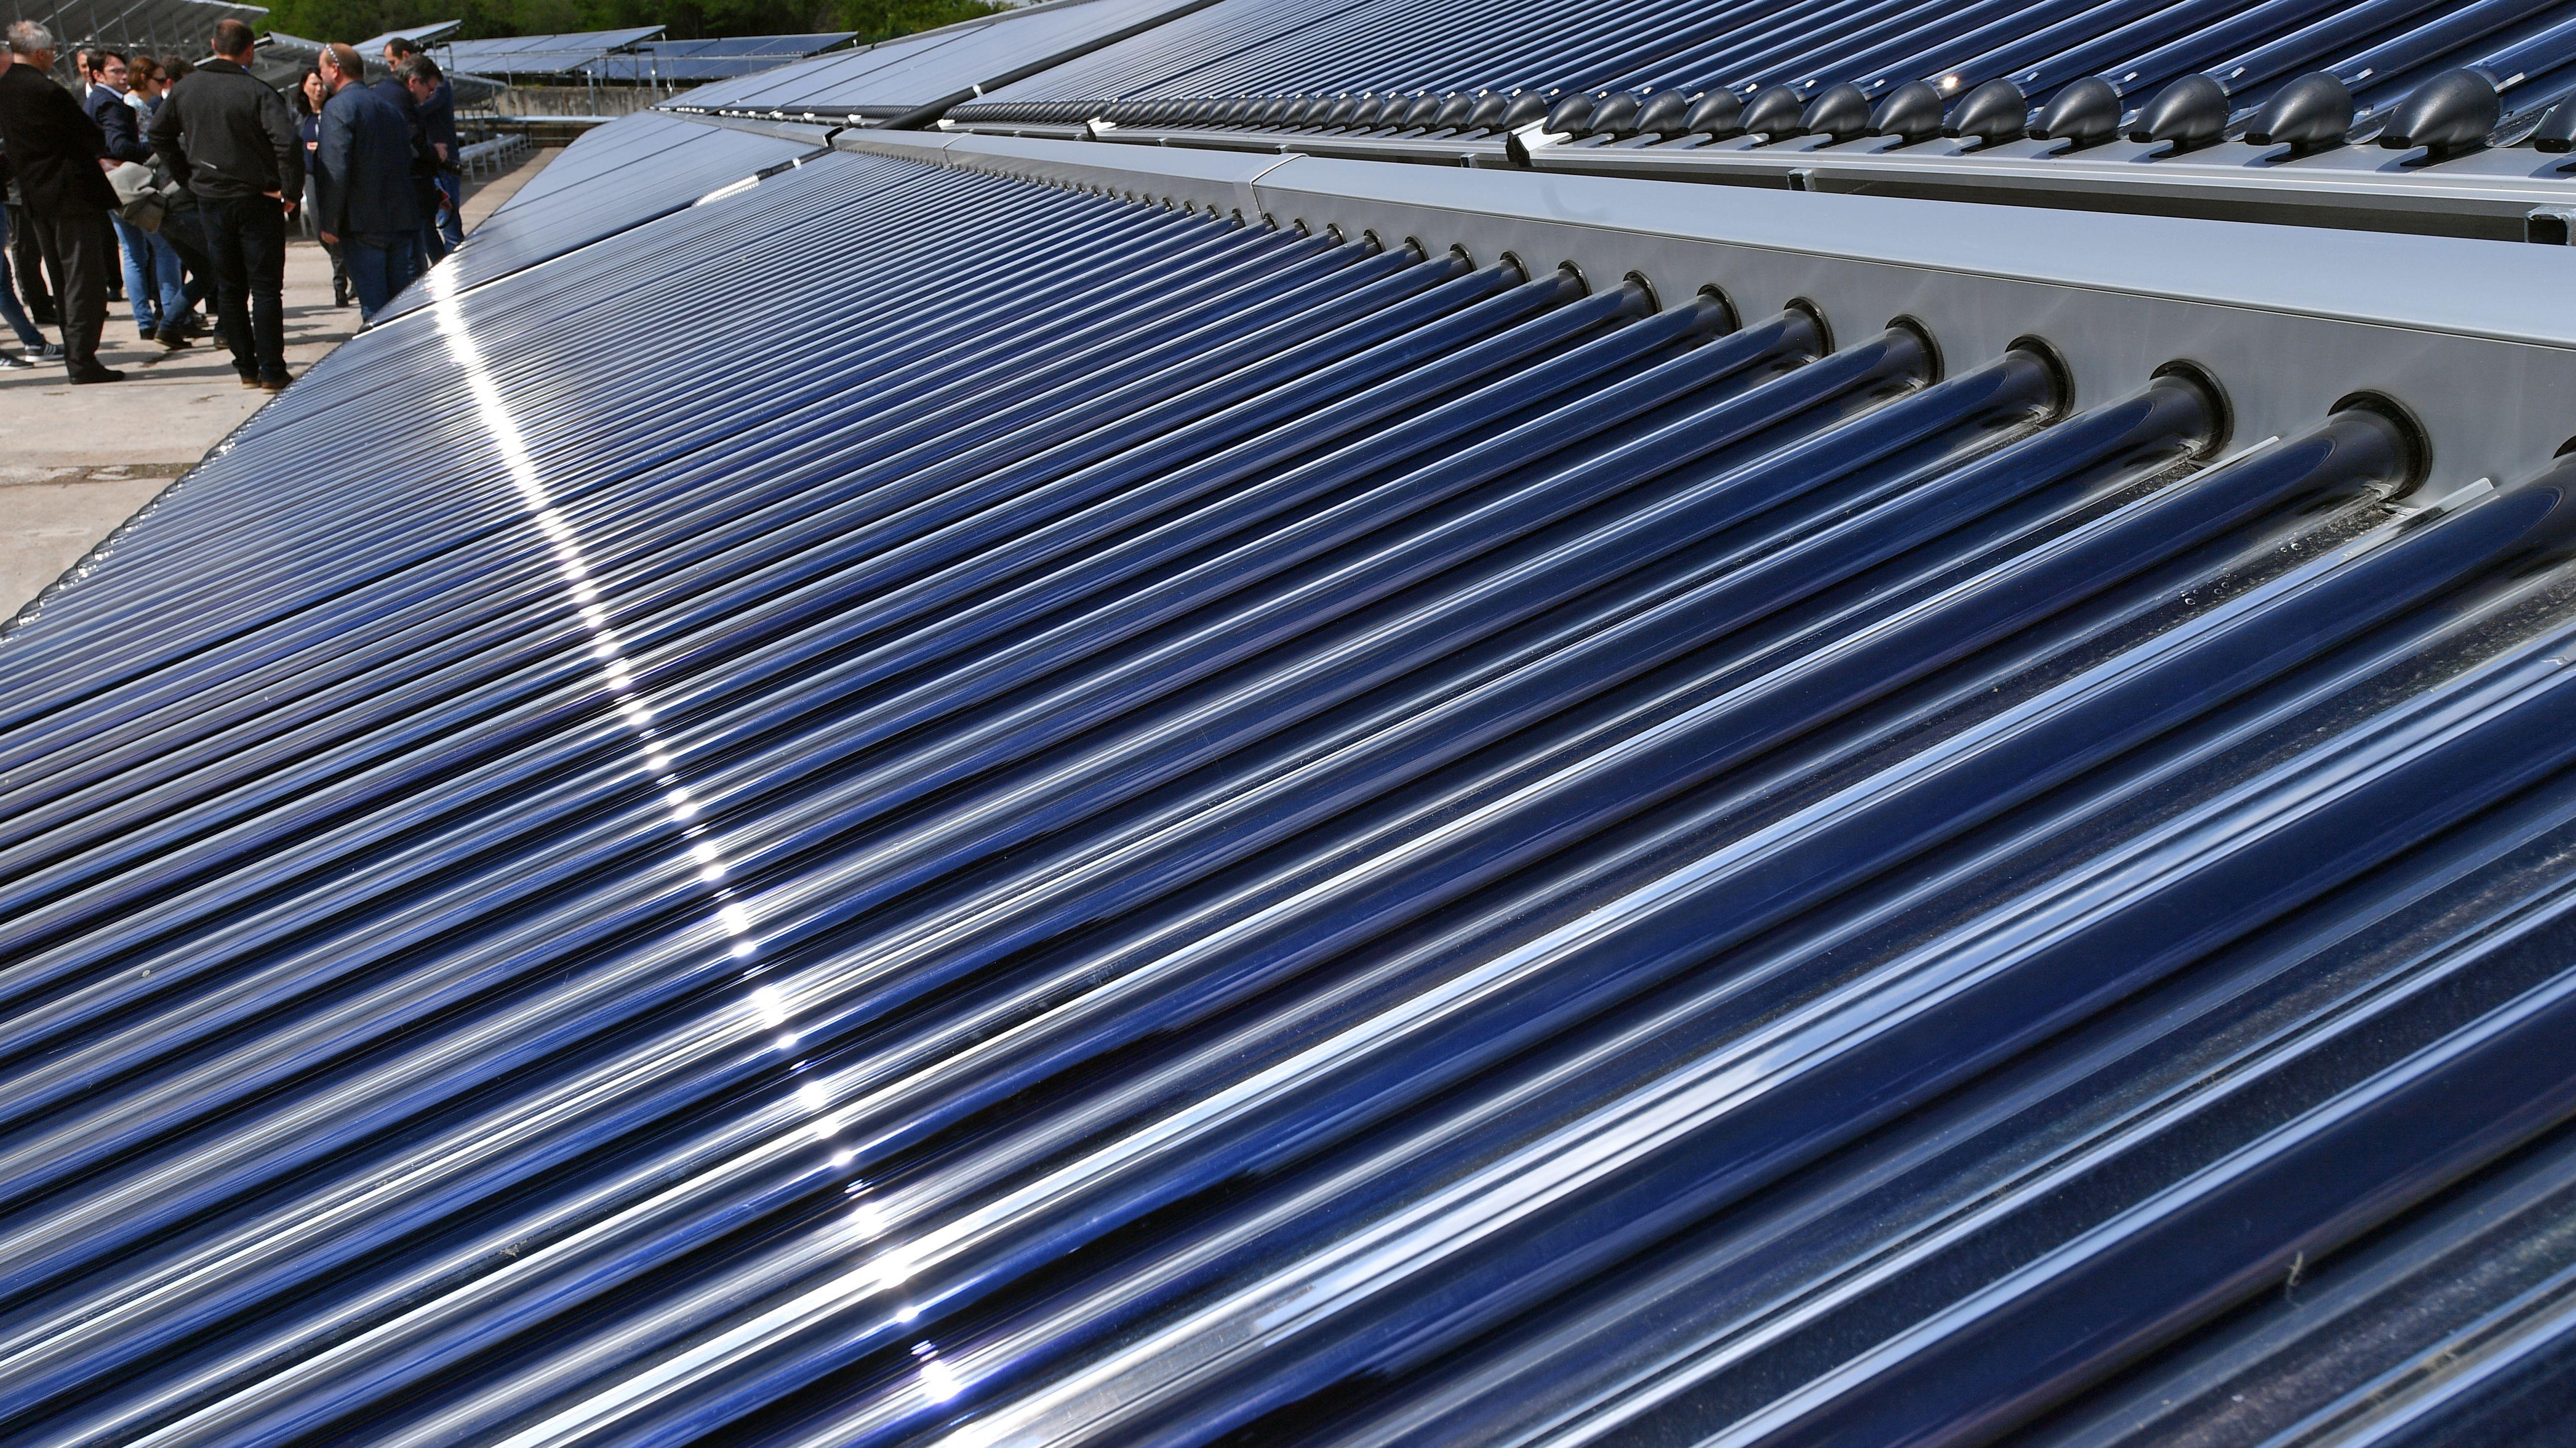 Besucher betrachten die Solarthermie-Anlage